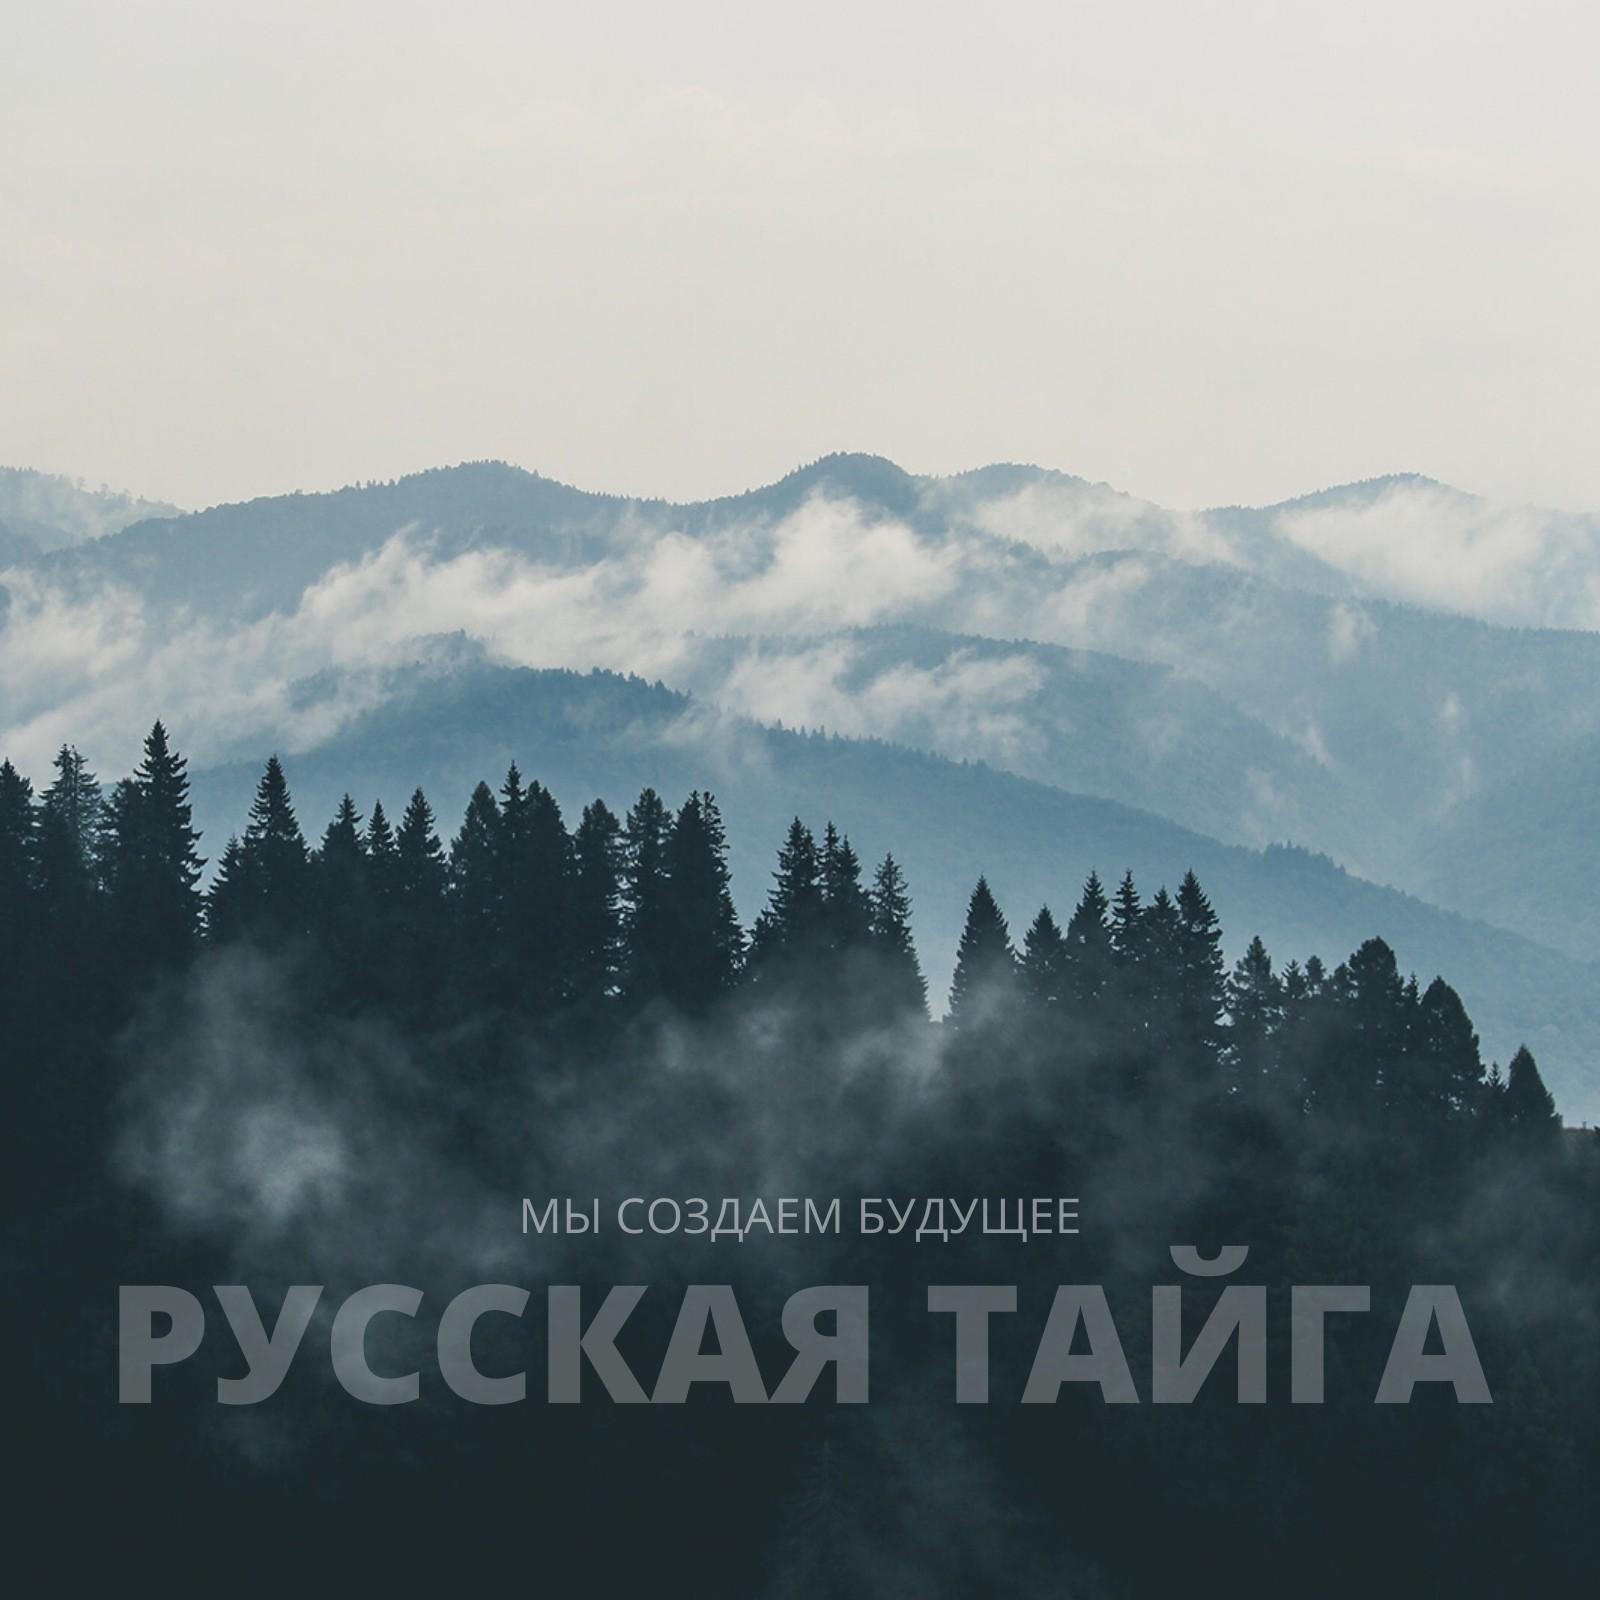 Проект «Русская Тайга» расширяется! Мы делаем новый шаг в защиту лесов России!